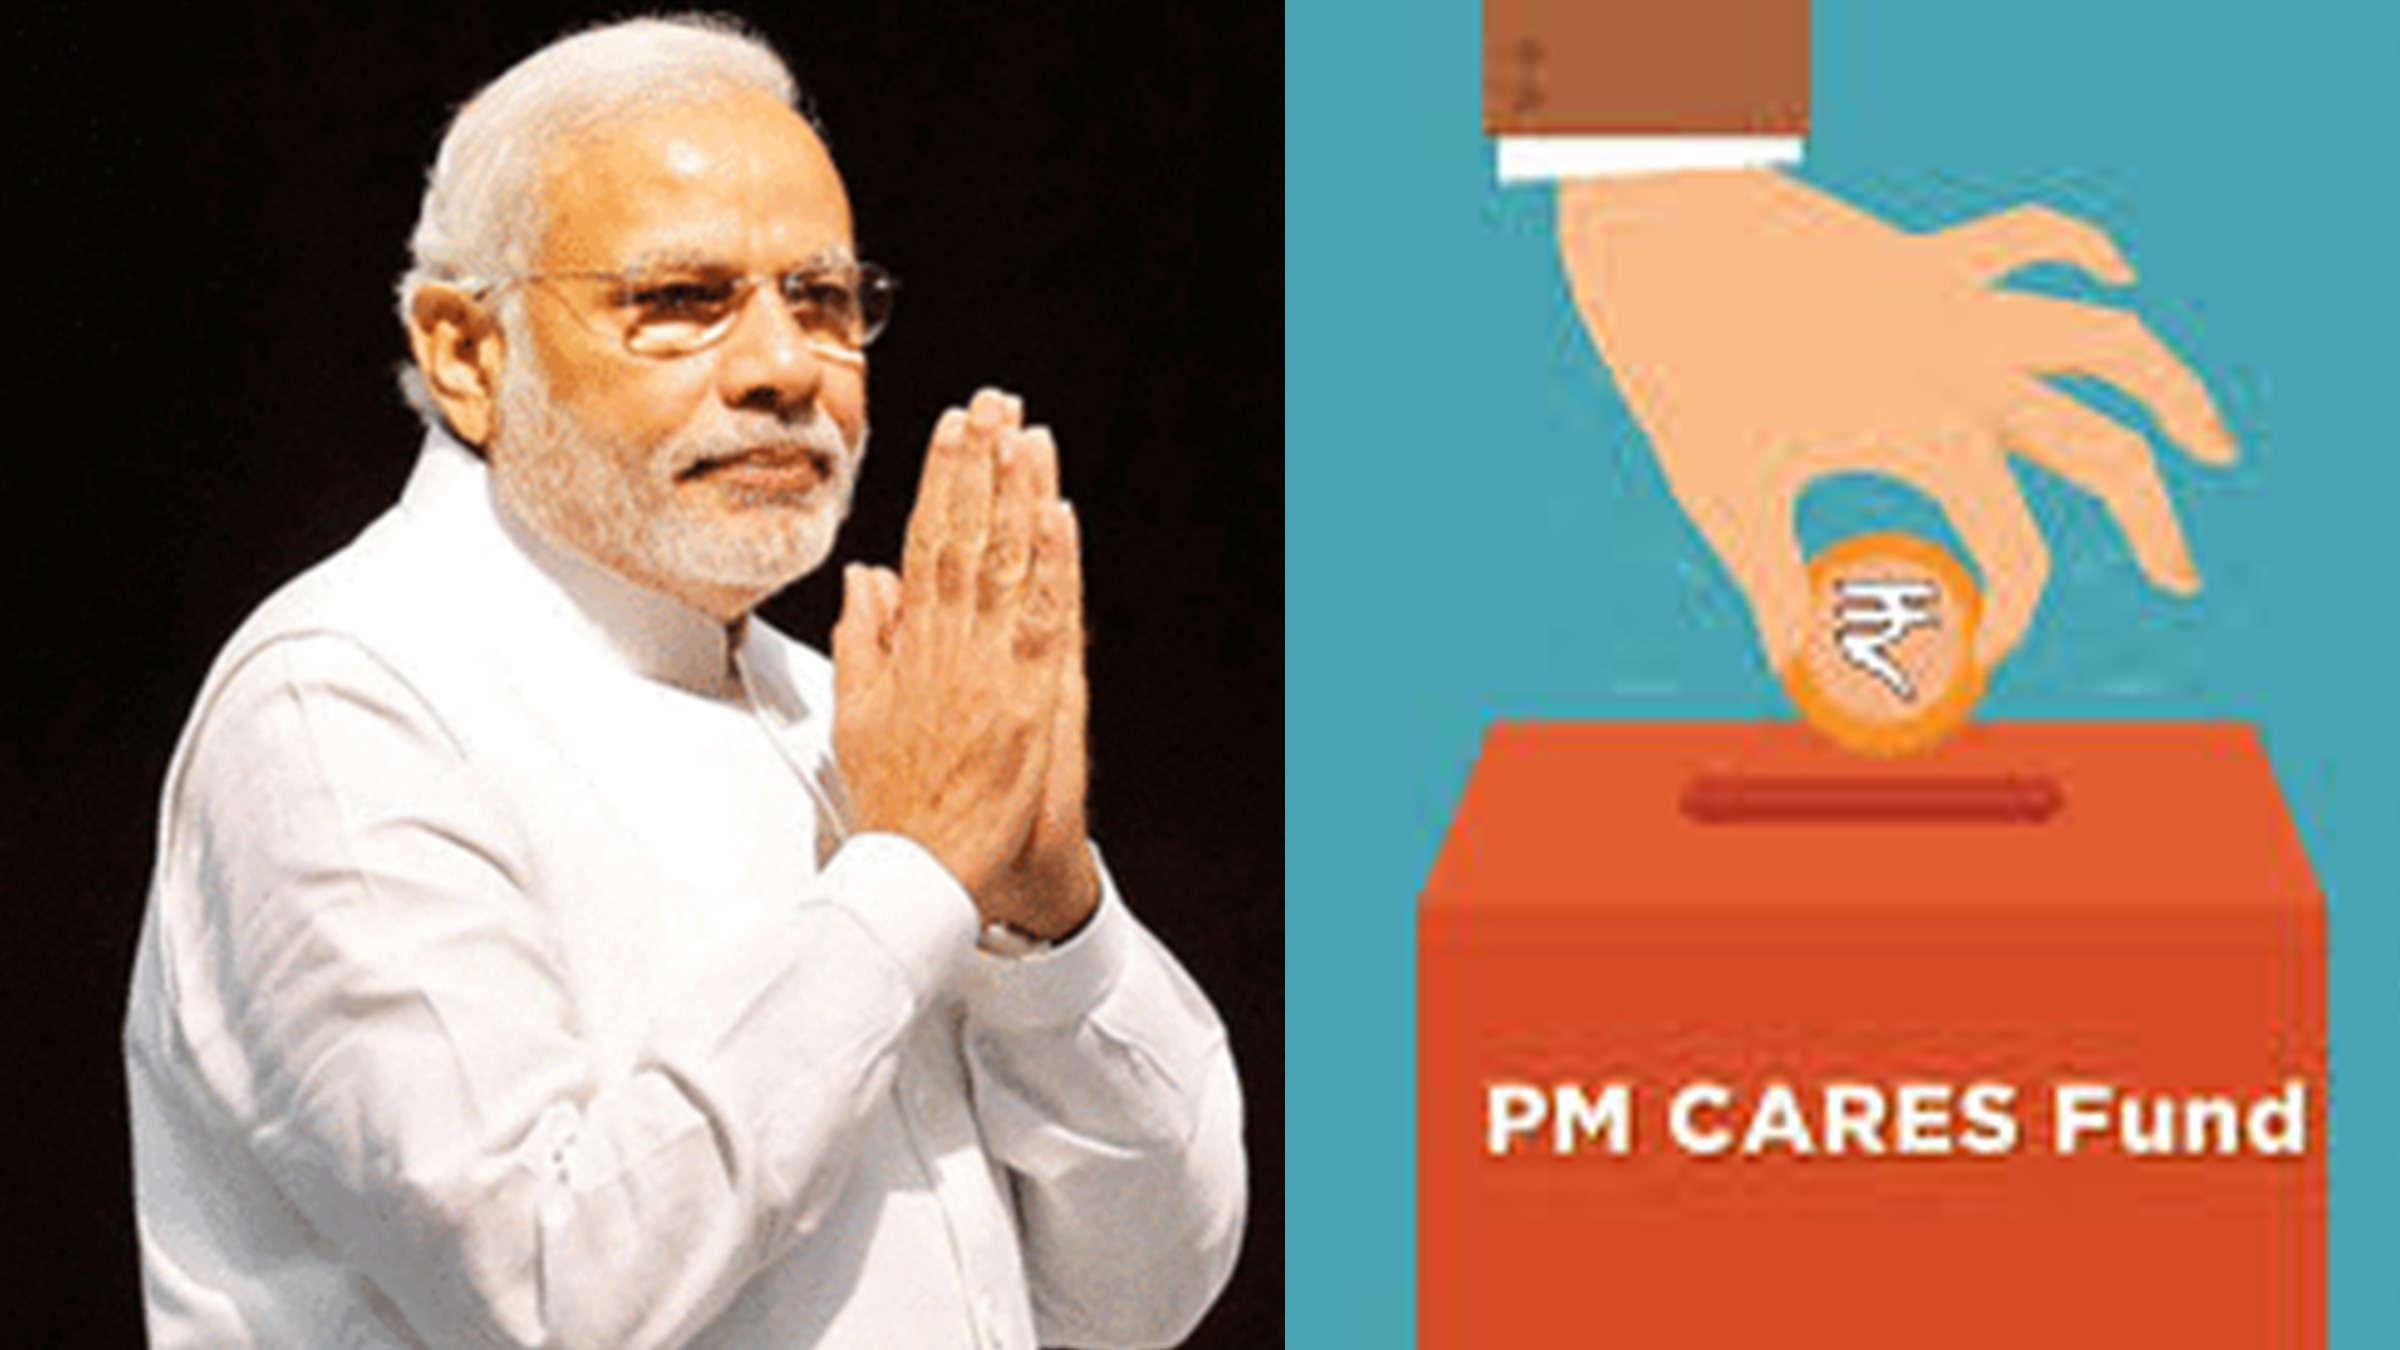 Which Apps To Help Through PM Cares Fund, Will Get Tax Benefits - किन एप्स  से कर सकते हैं पीएम केयर्स फंड में सहयोग, मिलेगा टैक्स में फायदा | Patrika  News